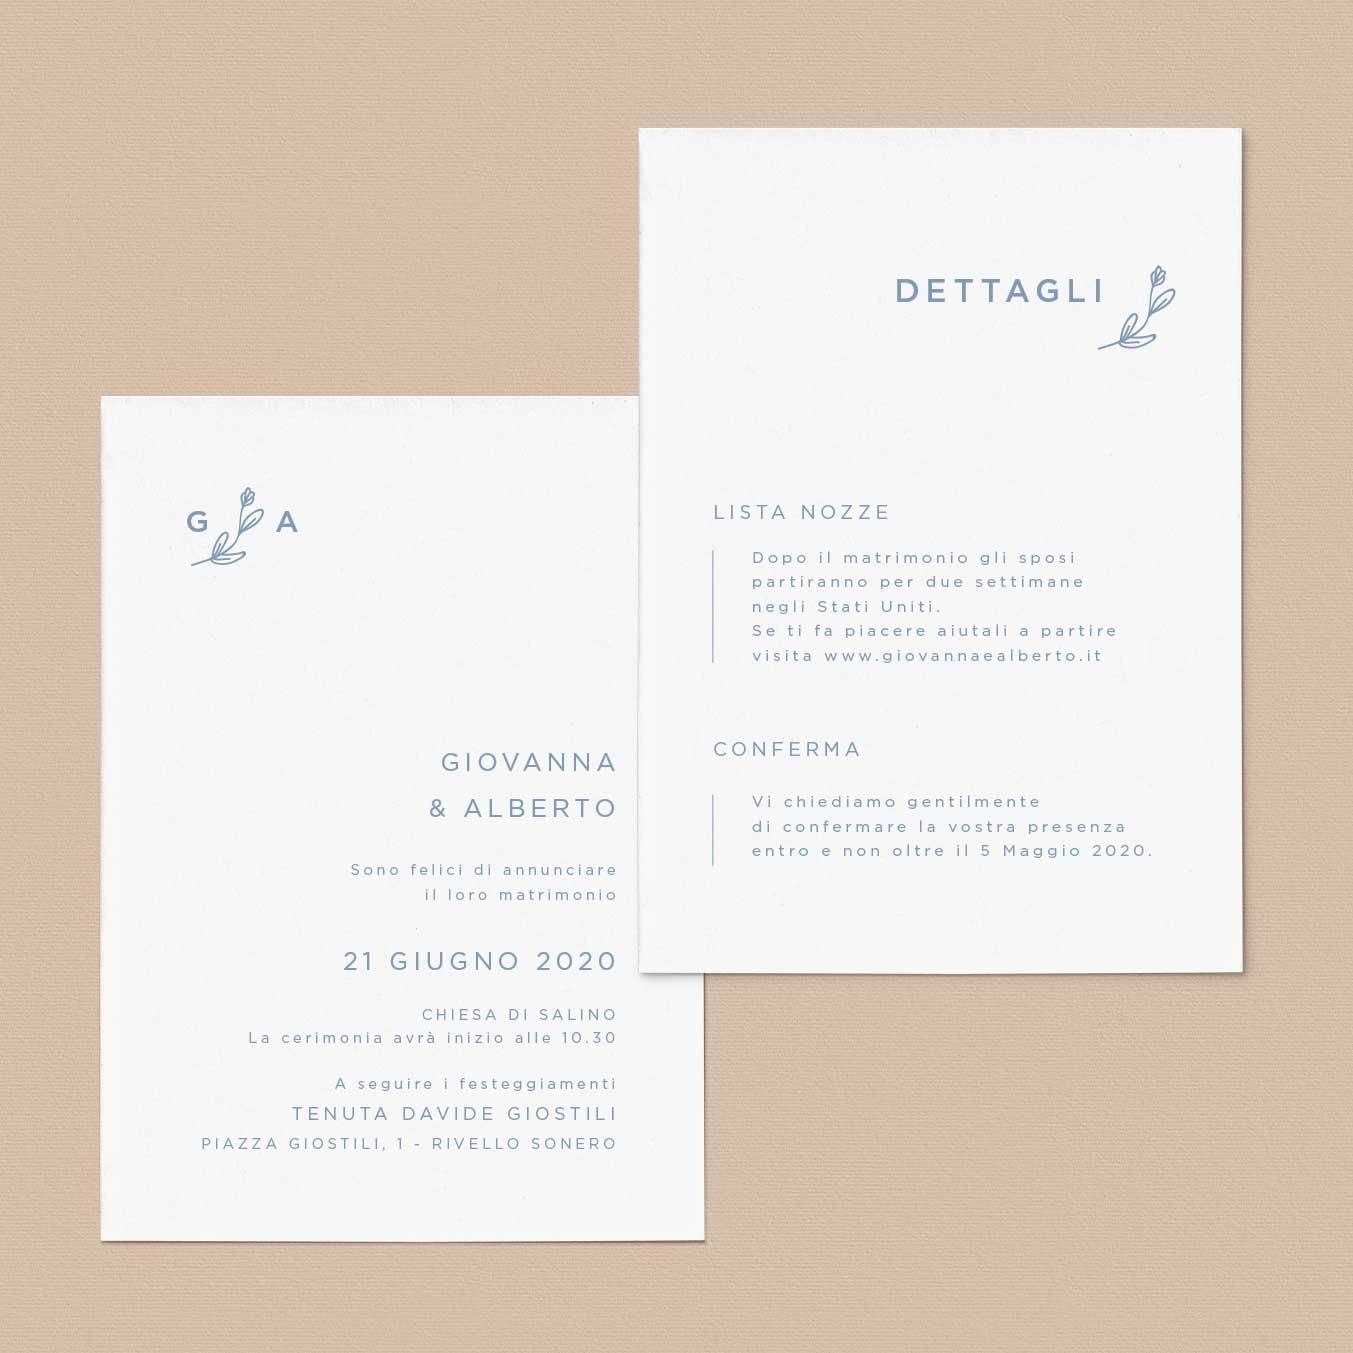 Invito-partecipazione-matrimonio-wedding-nozze-fiori-moderne-stile-esempi-idee-semplice-moderno-pop-modern-chic-fiorellini-natura